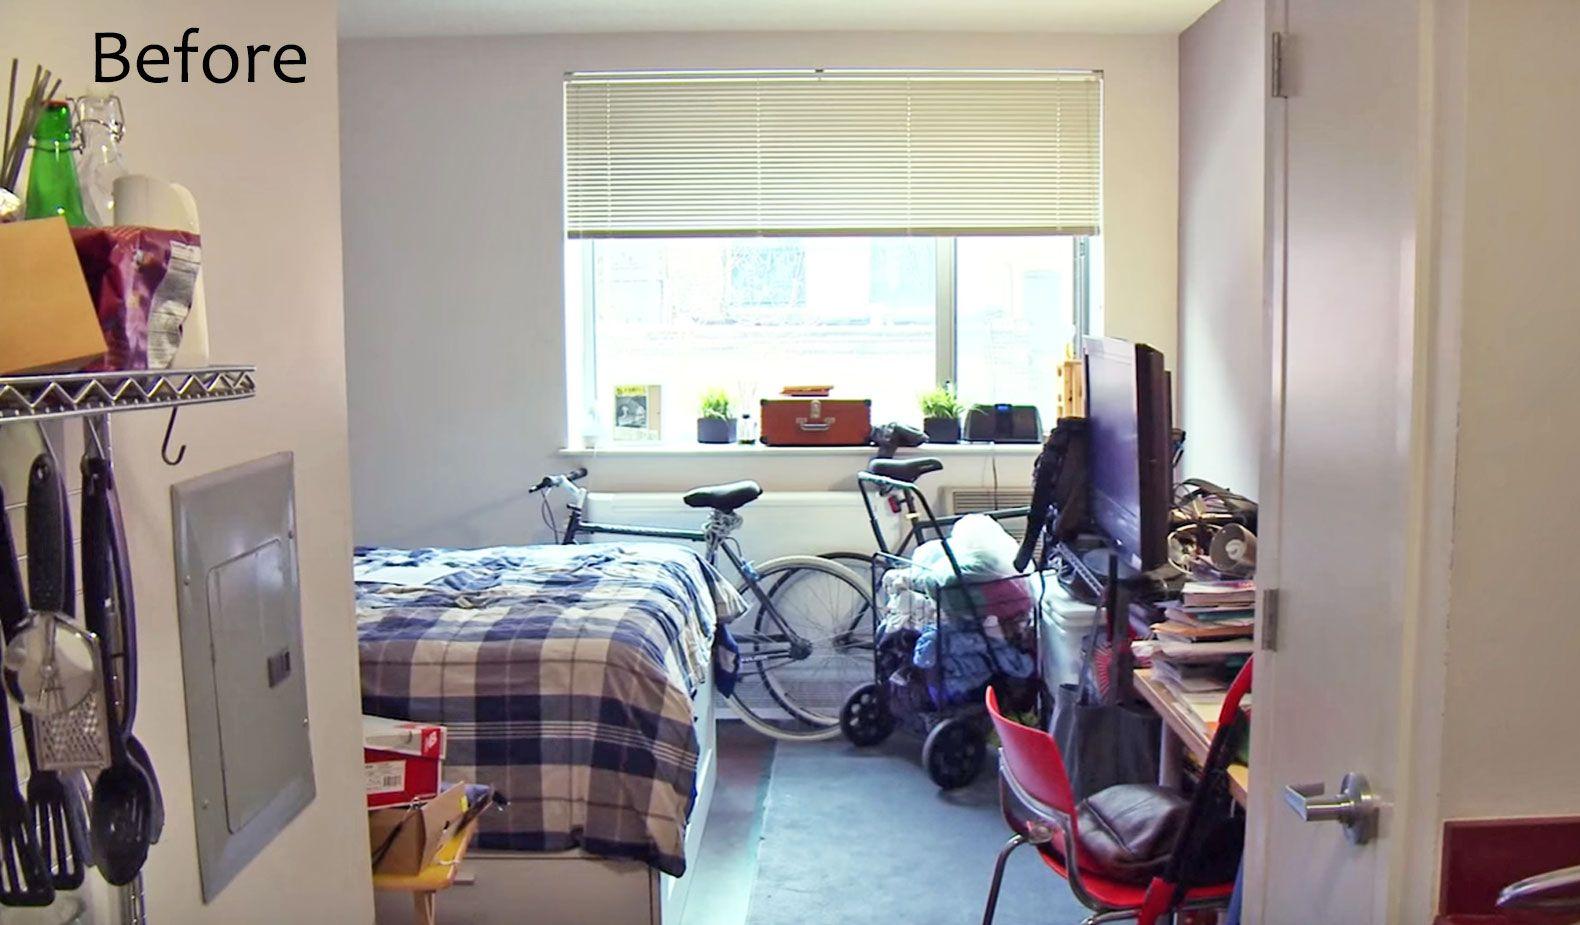 Ikea Studio Apartment Part - 43: See IKEAu0027s Smart Makeover Of This 300-sq-ft Bronx Studio Apartment |  Inhabitat